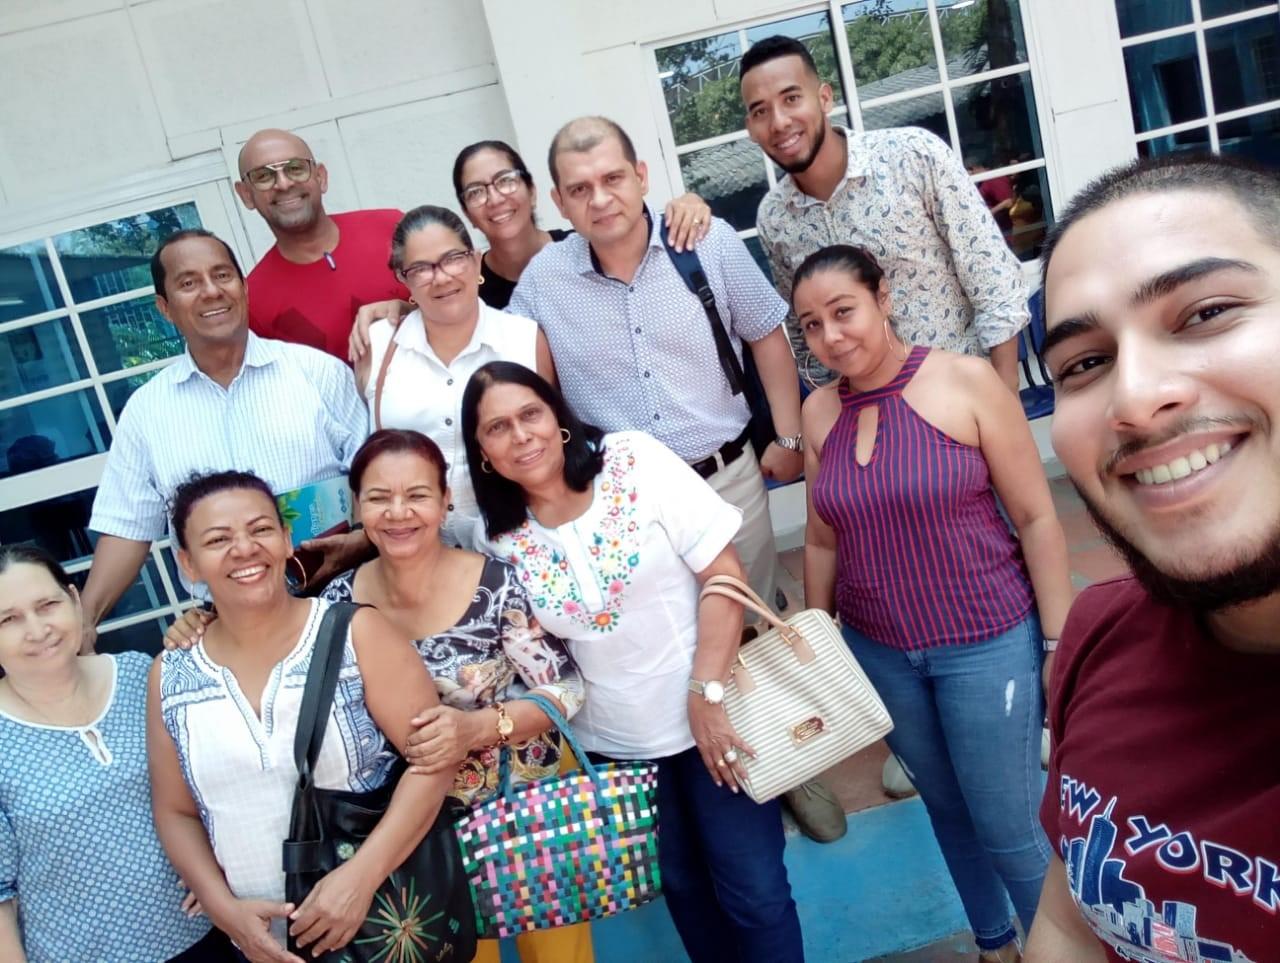 INSTITUCIÓN EDUCATIVA DISTRITAL CIUDADELA 20 DE JULIO Y SOCIOCARIBE: Alianza consultora-profesional que se mantiene con resultados de excelencia y calidad.